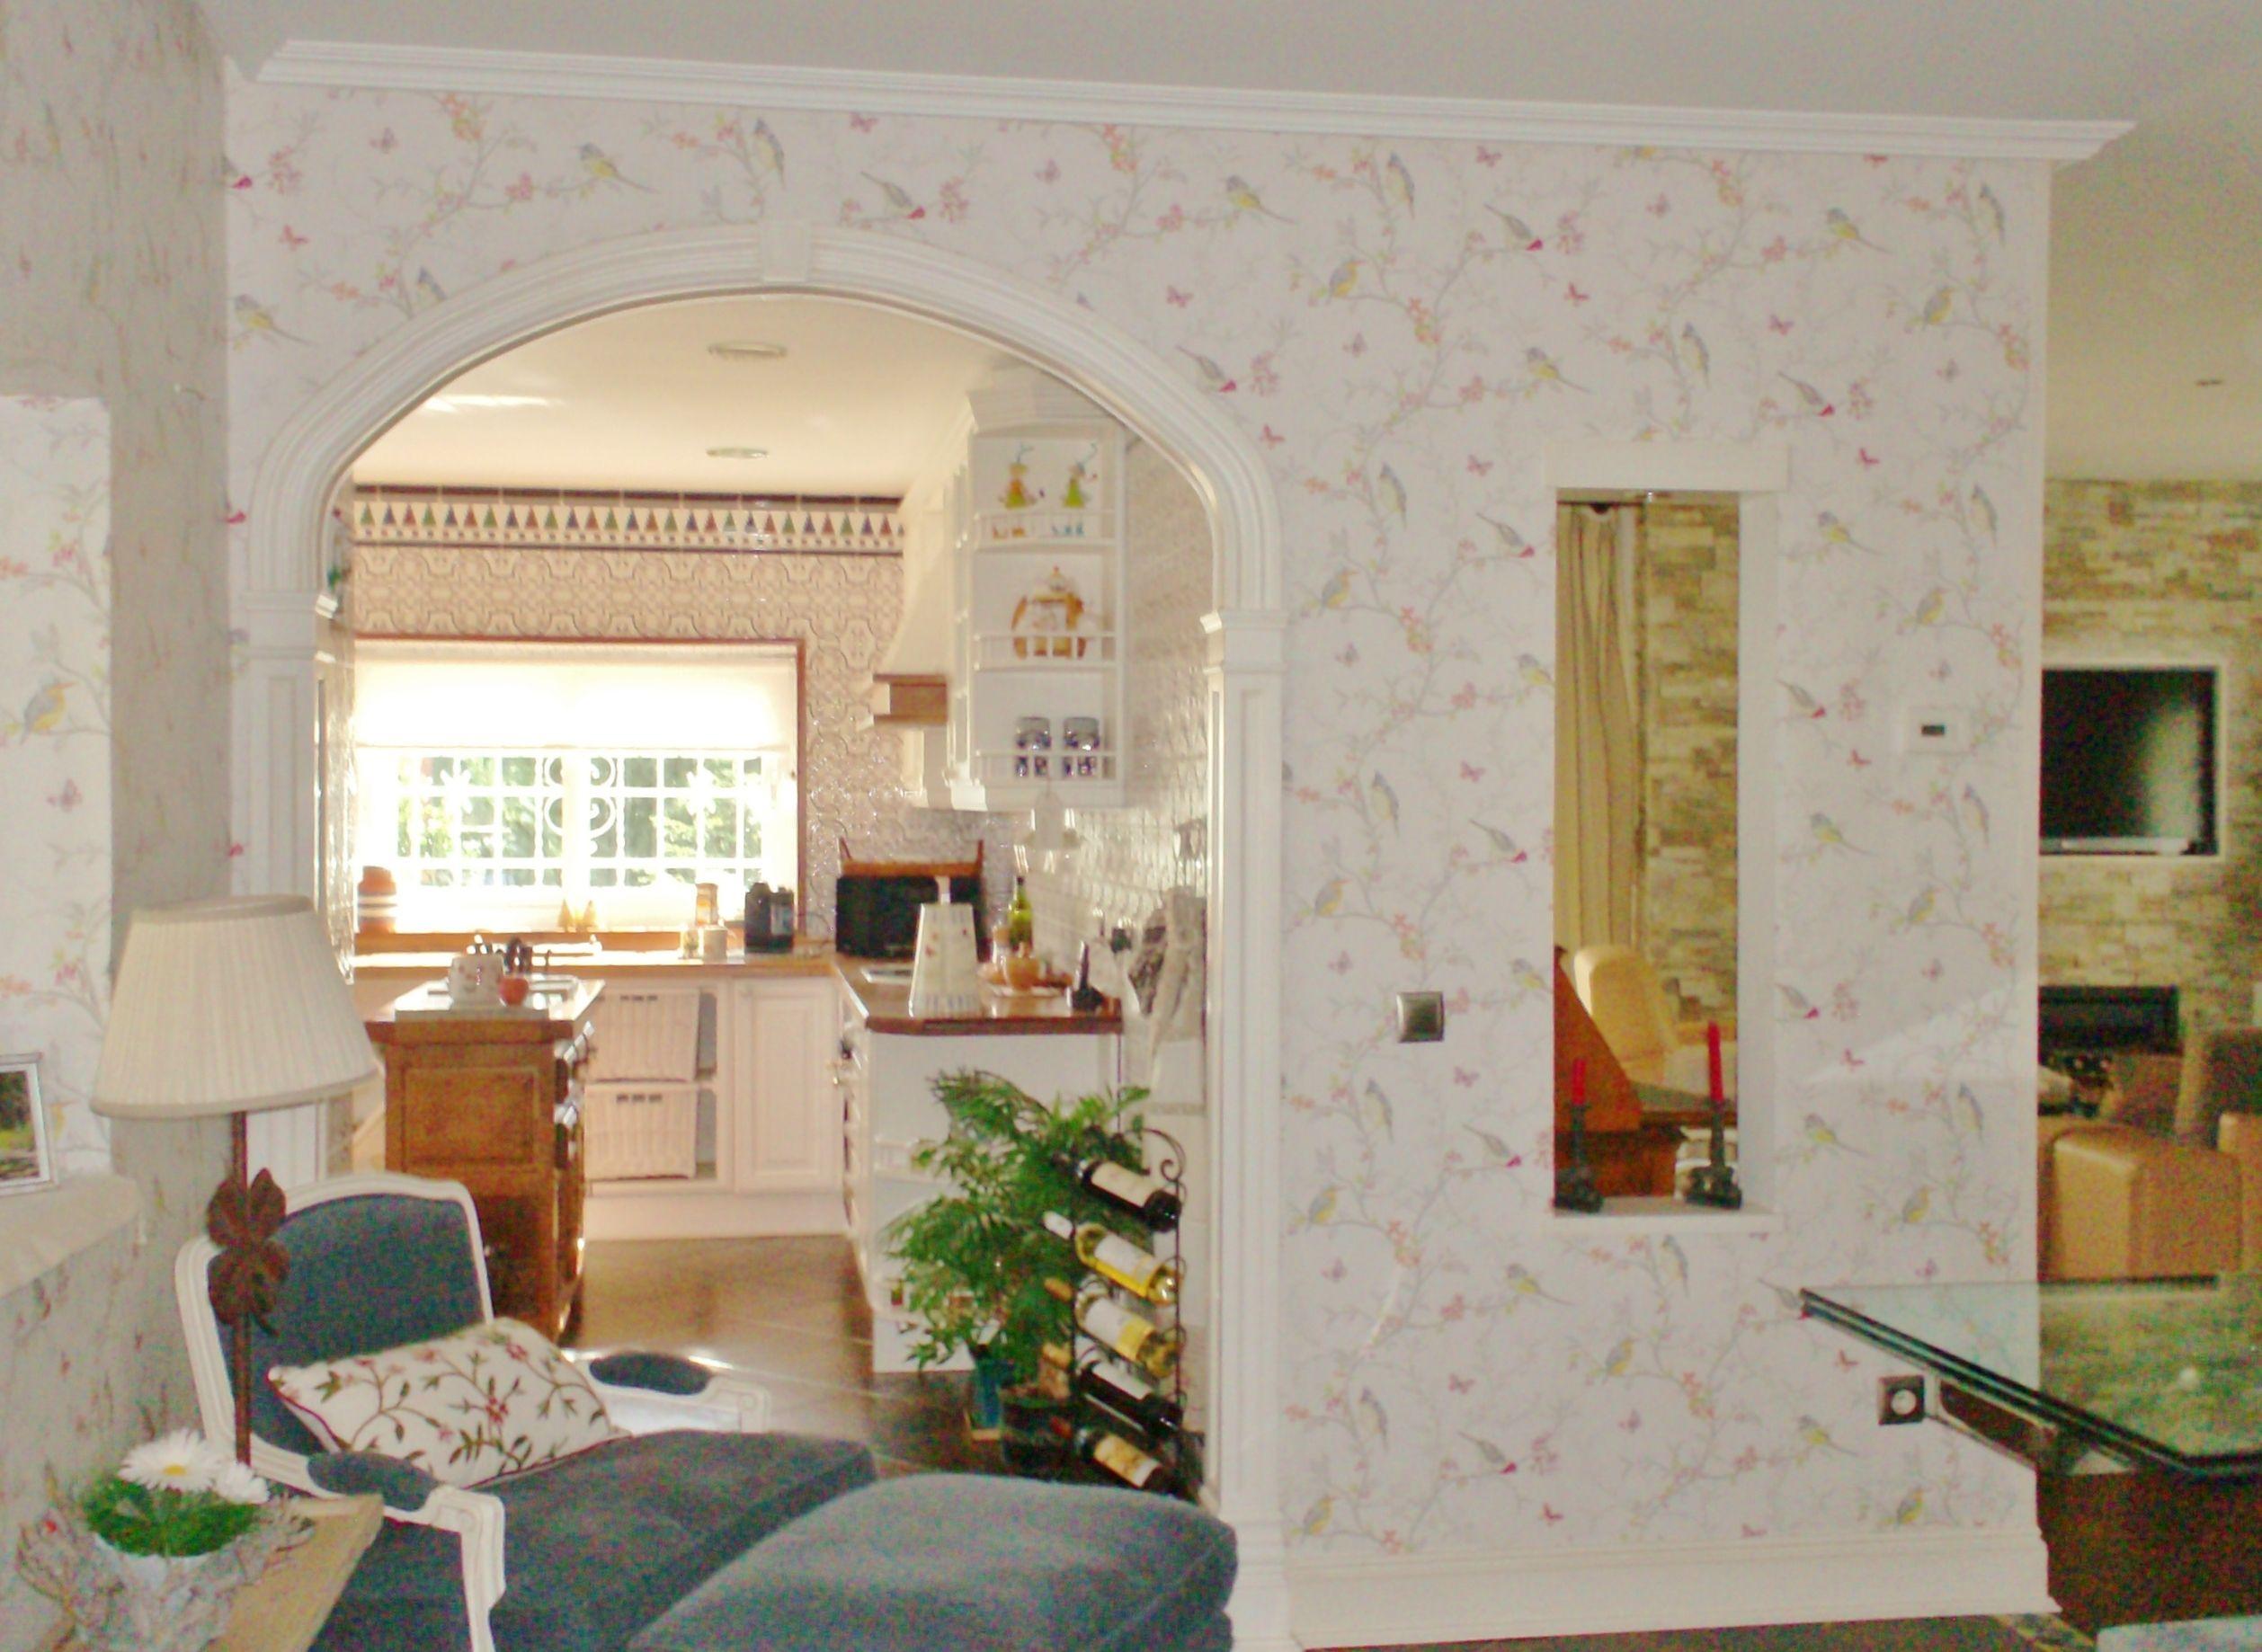 Papel decoracion paredes pared de gotel hay soluciones - Decorar paredes con papel pintado ...